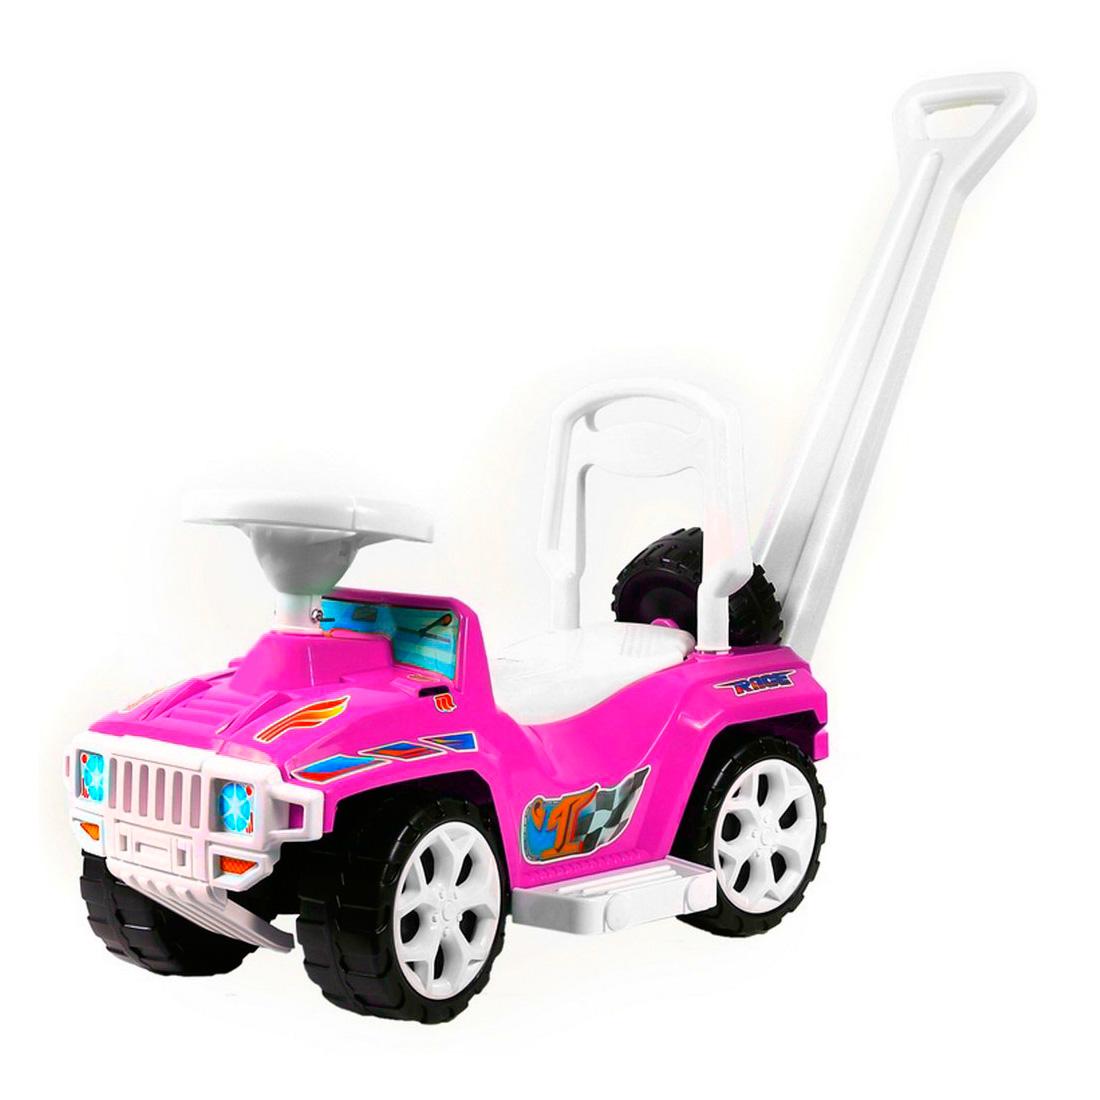 Каталка RT RACE MINI Formula 1 ОР856 с родительской ручкой Розовый<br>